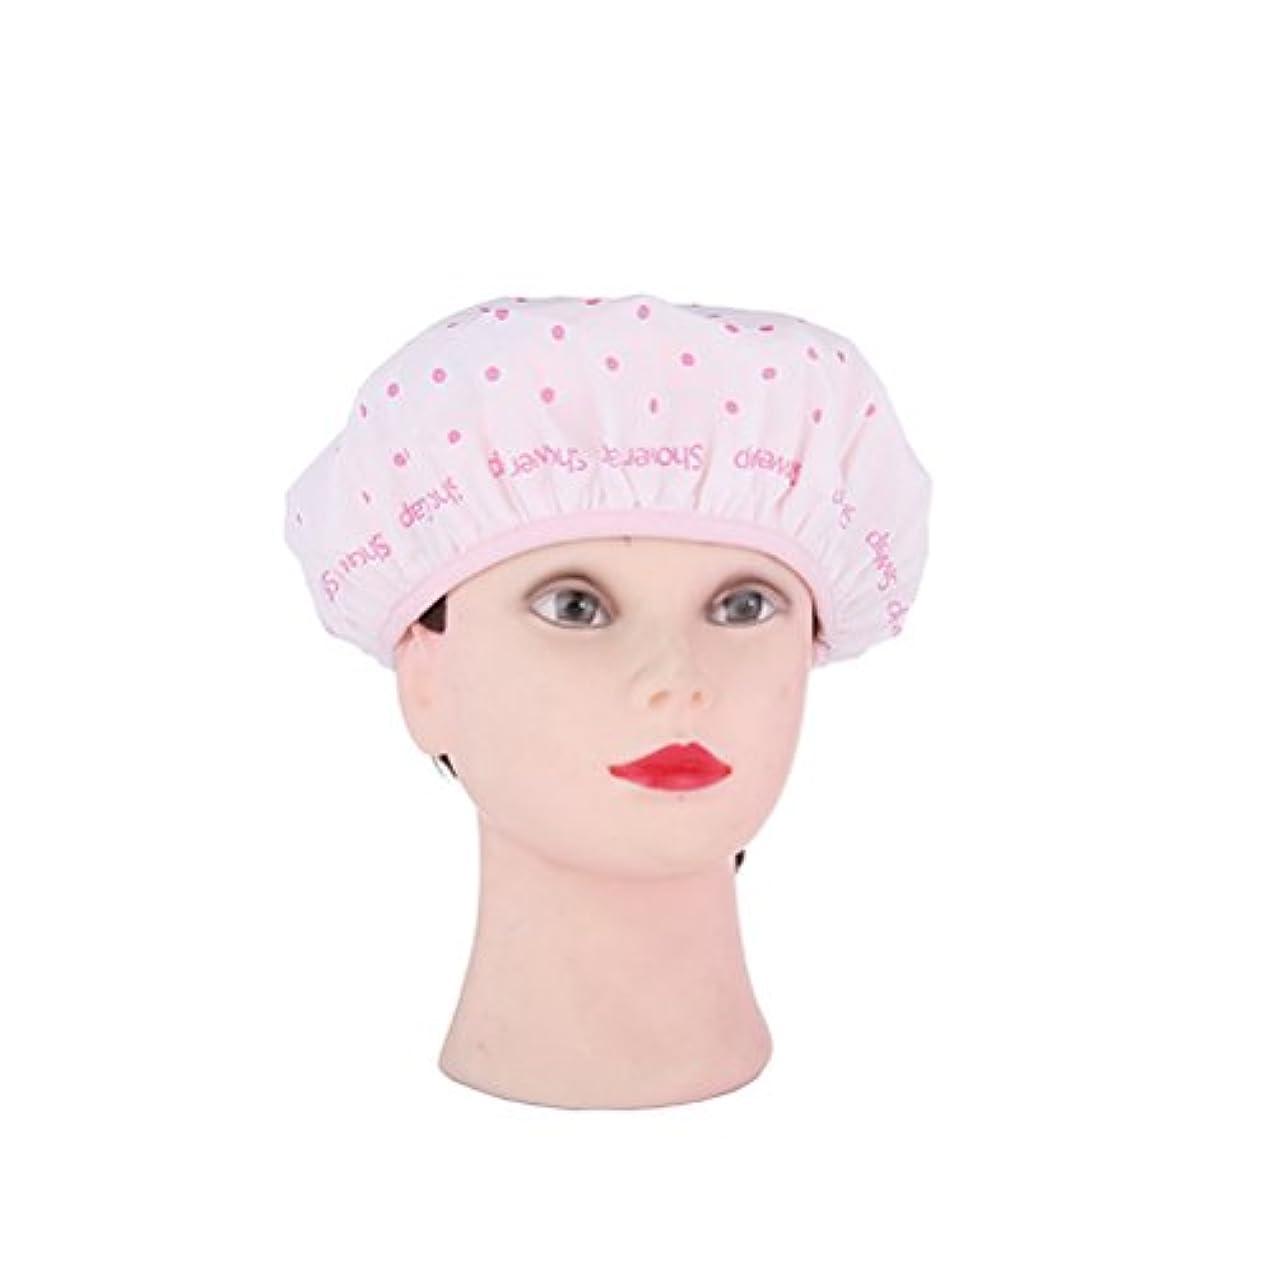 武装解除クライアント心理的HEALLILY シャワーの帽子女性の子供のための防水シャワーの帽子のBathのシャワーの毛の帽子